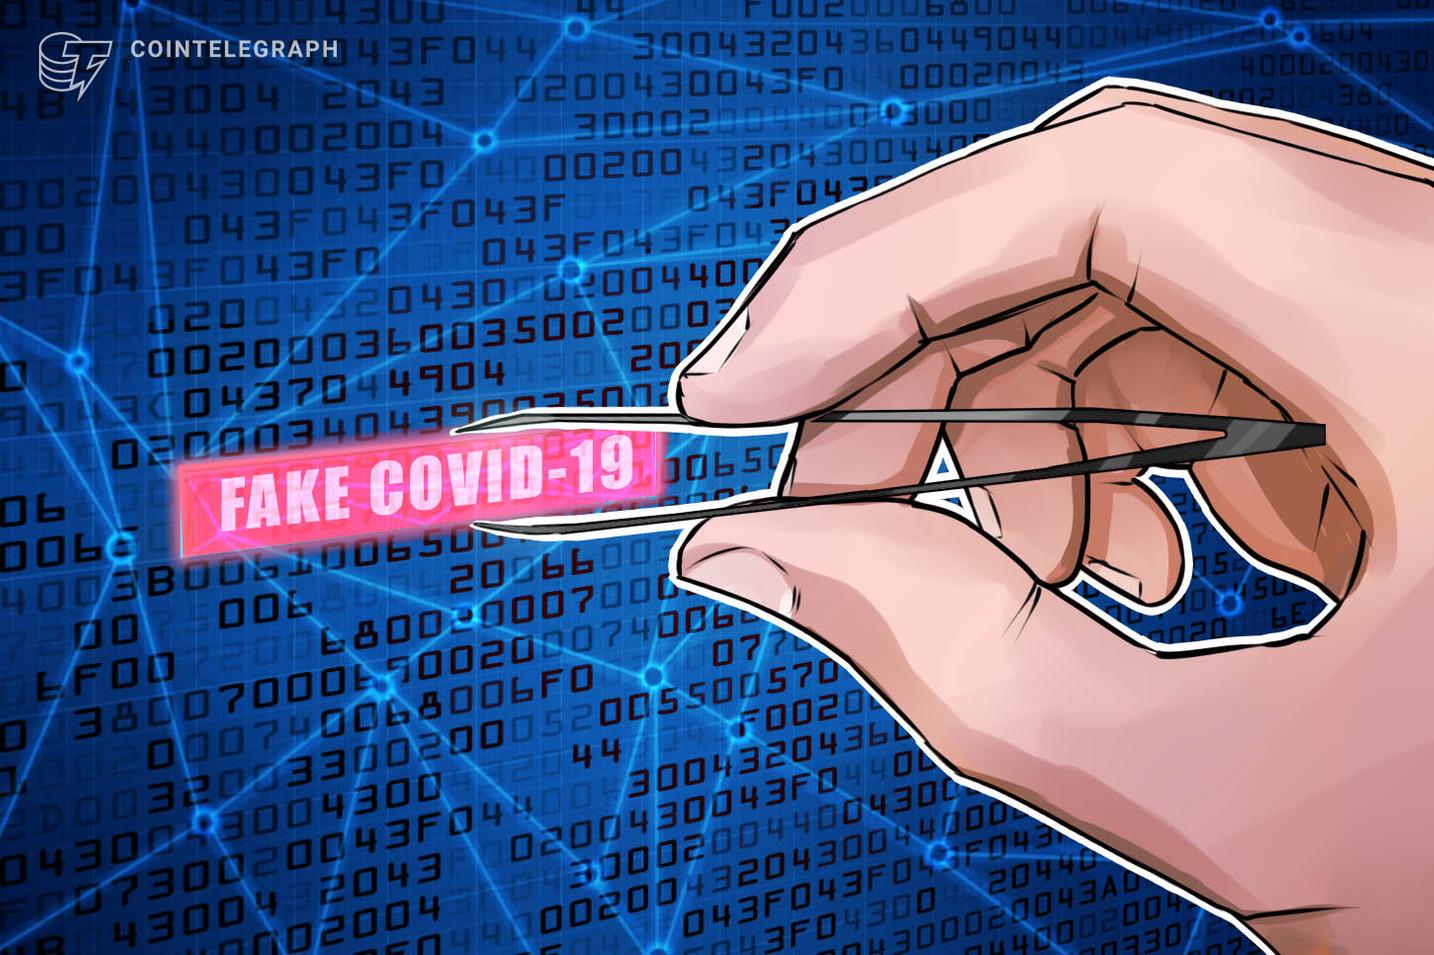 Facebook demanda a un usuario por encubrir anuncios de noticias falsas sobre el Coronavirus y estafas de criptomonedas